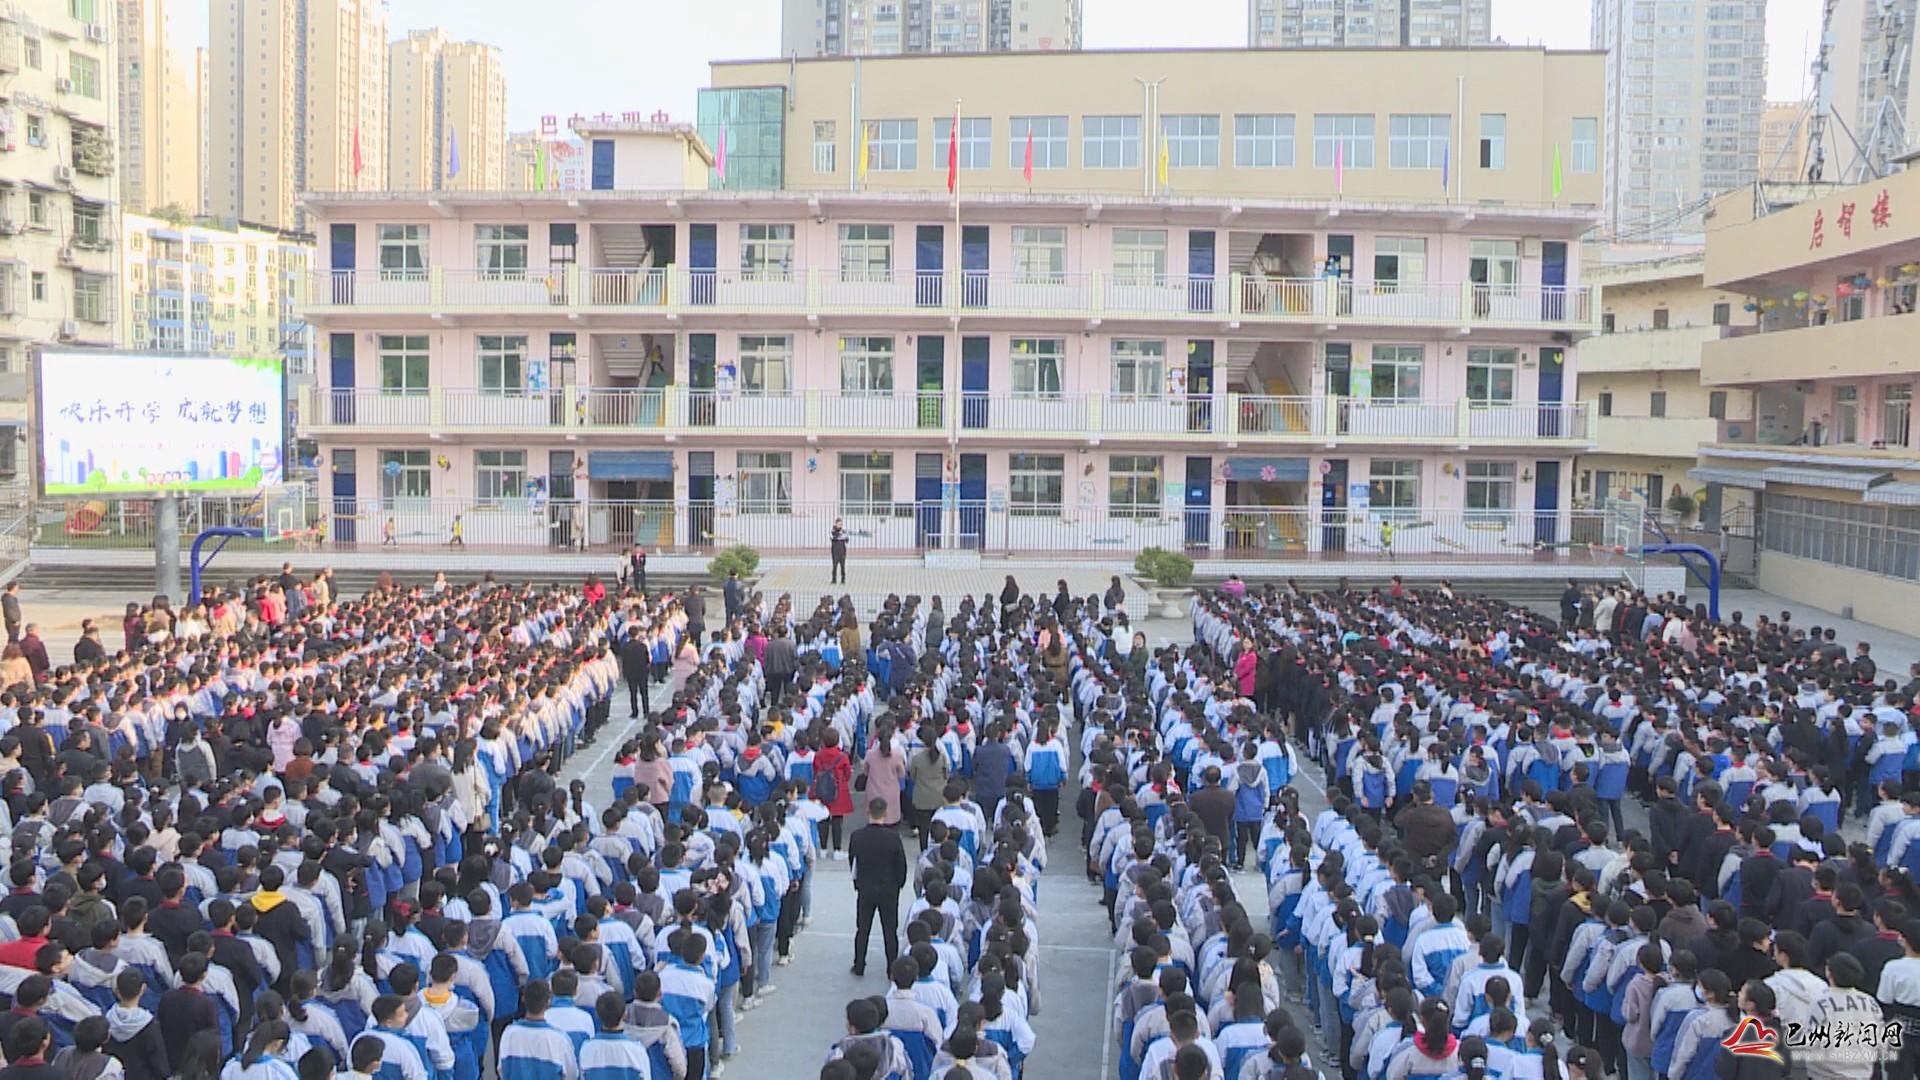 """区第十一小学举行""""快乐开学 成就梦想""""开学典礼"""""""